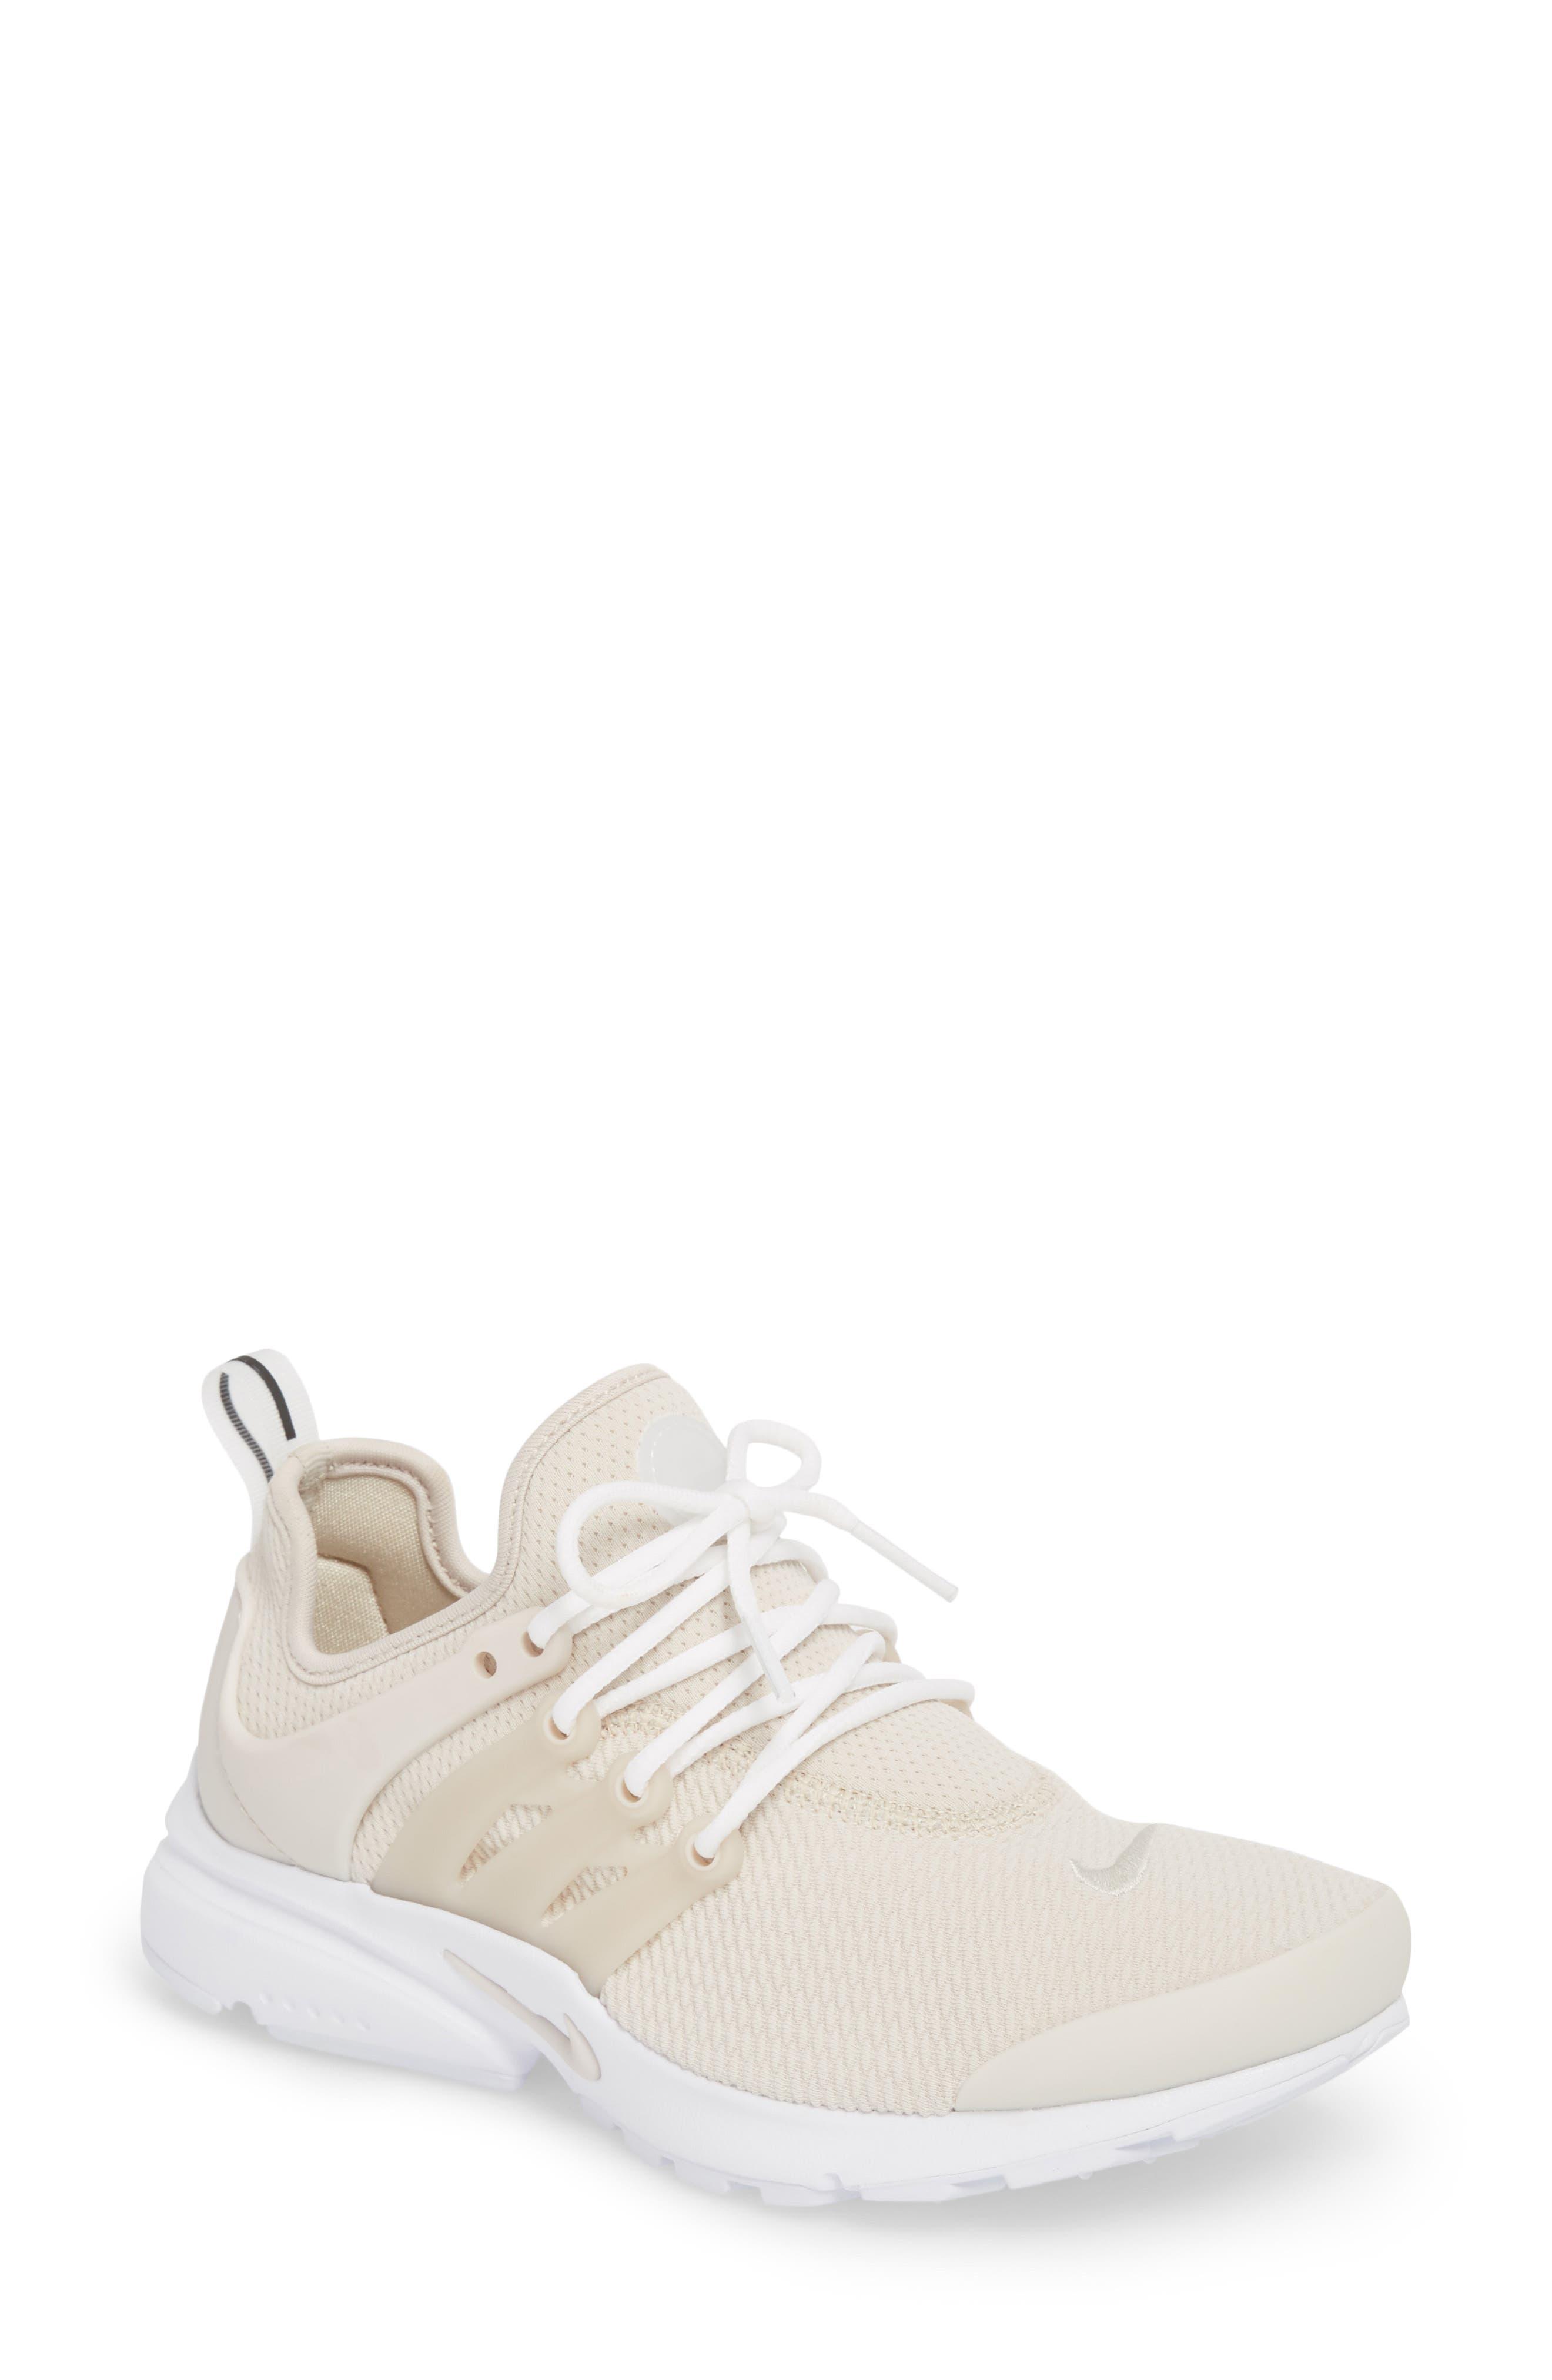 Air Presto Sneaker,                             Main thumbnail 1, color,                             Desert Sand/ Desert Sand